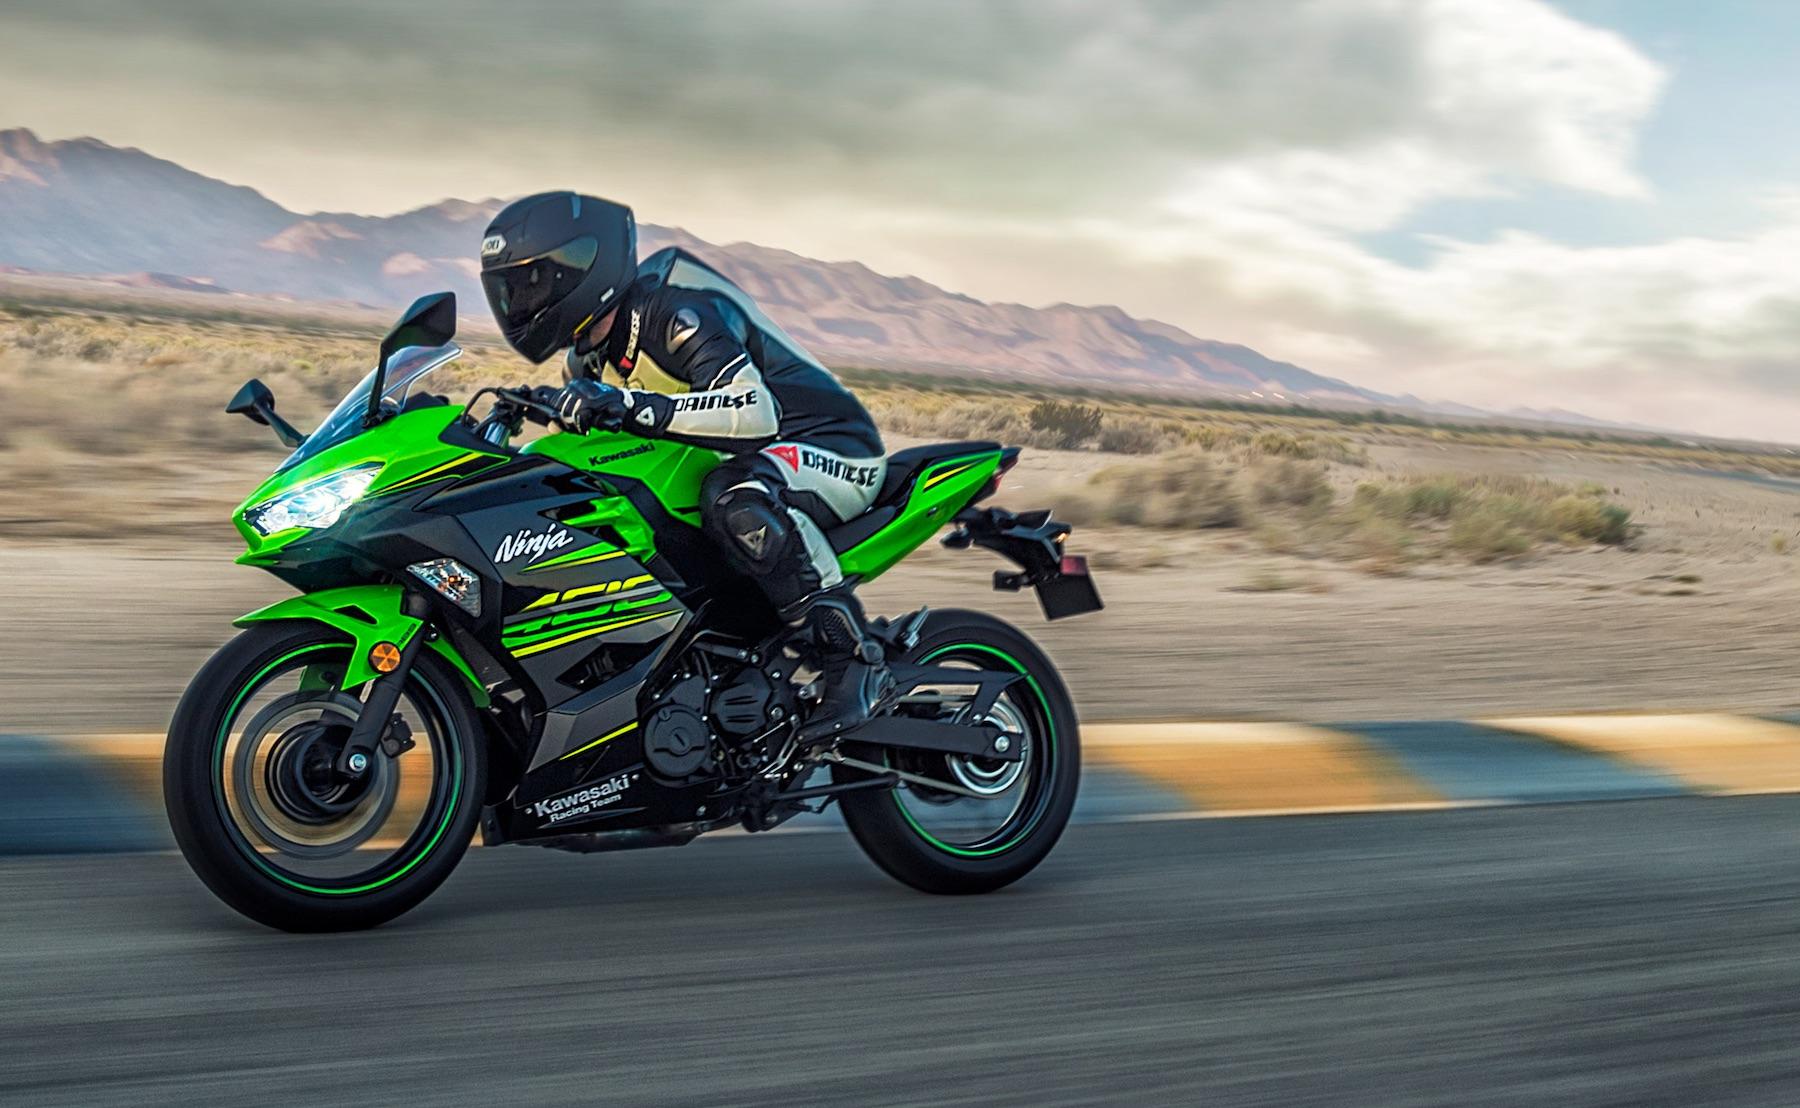 Kawasaki Ninja 400 2018, más deportividad y hasta 50 cv con el Mundial de SSP300 en mente